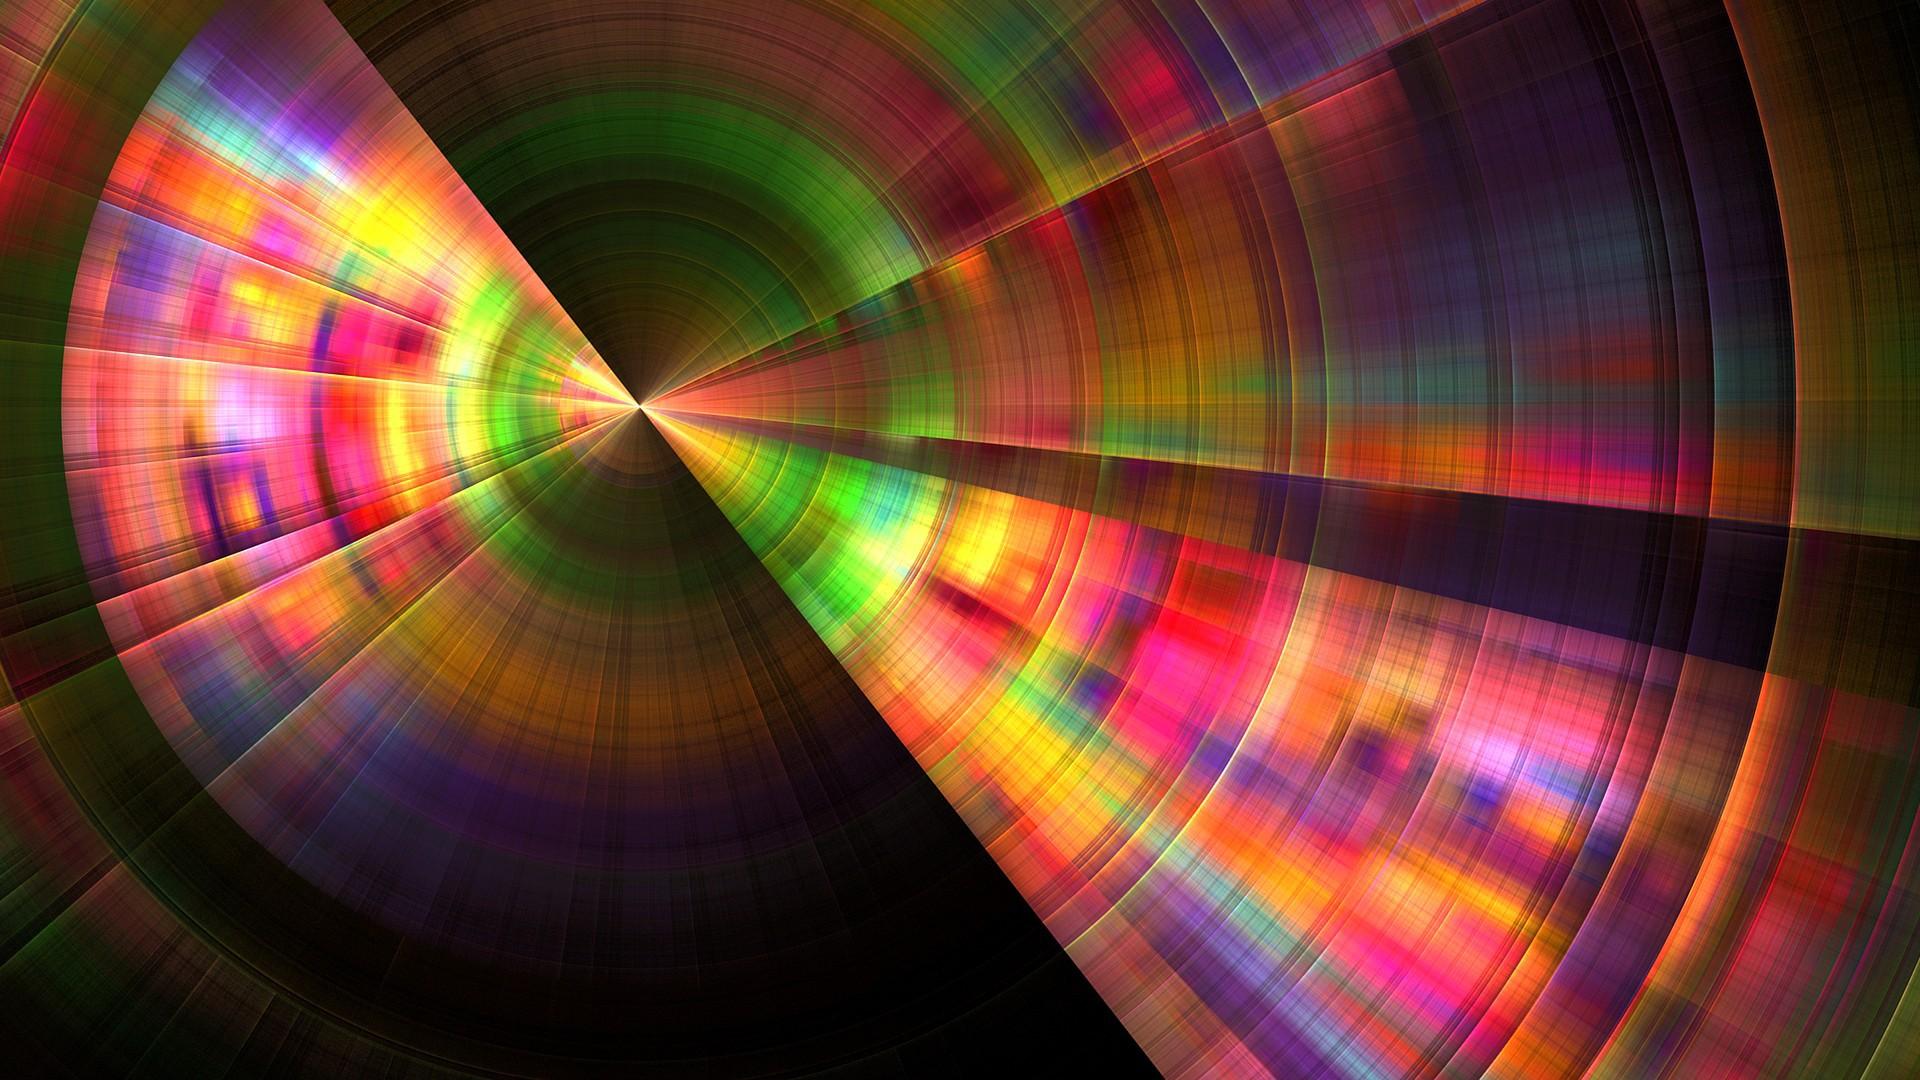 сбора, картинки со спектрами тебя